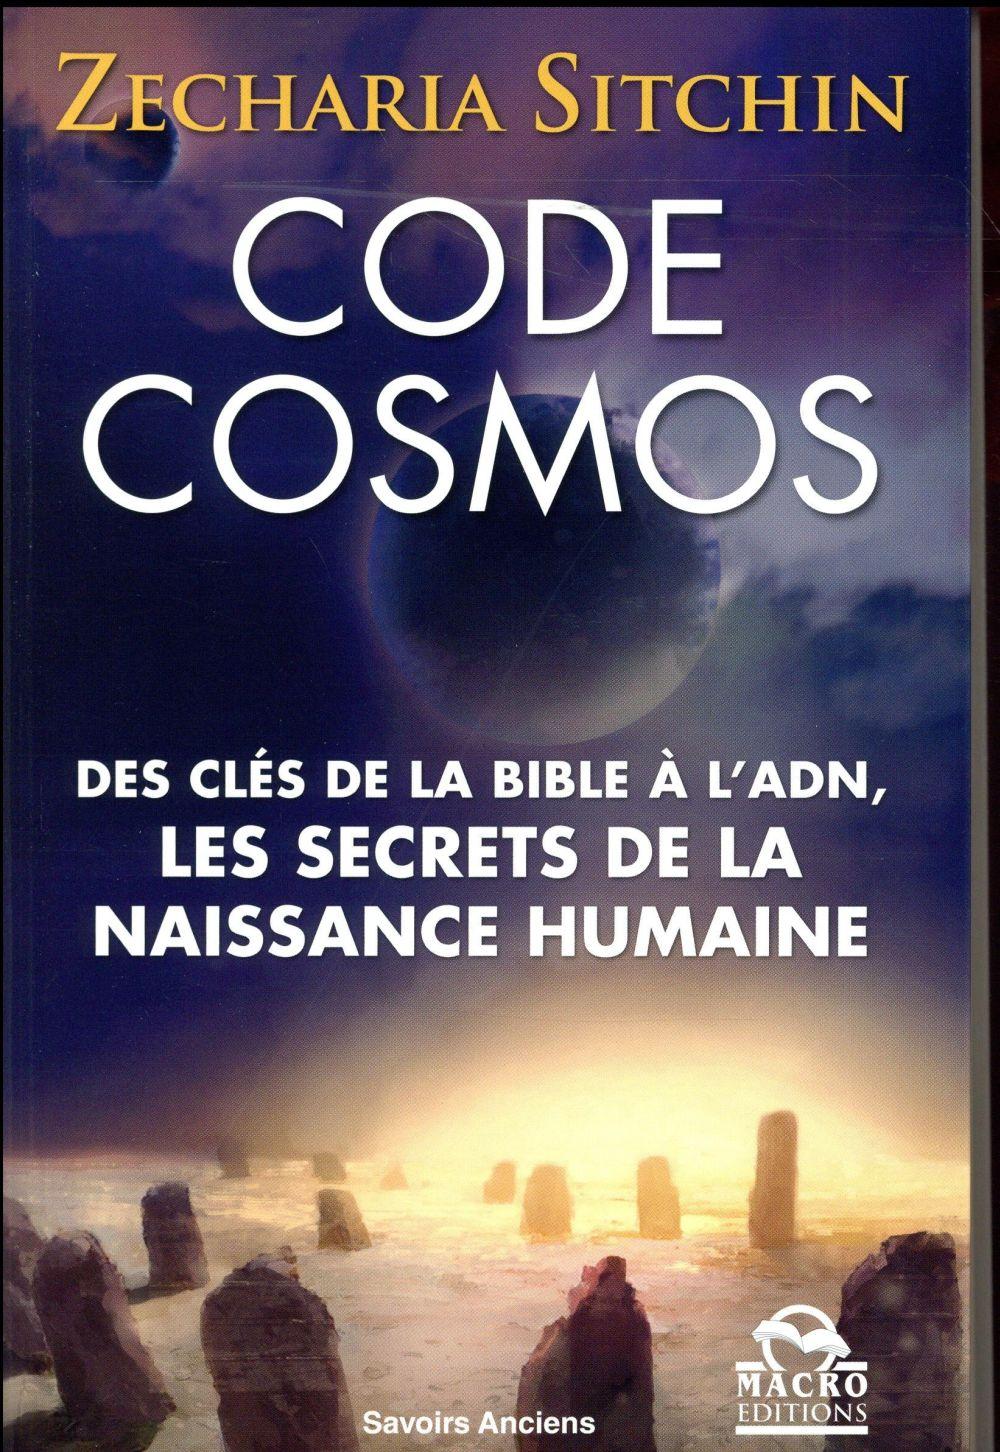 CODE COSMOS - DES CLES DE LA BIBLE A L'ADN. LES SECRETS DE LA NAISSANCE HUMAINE.